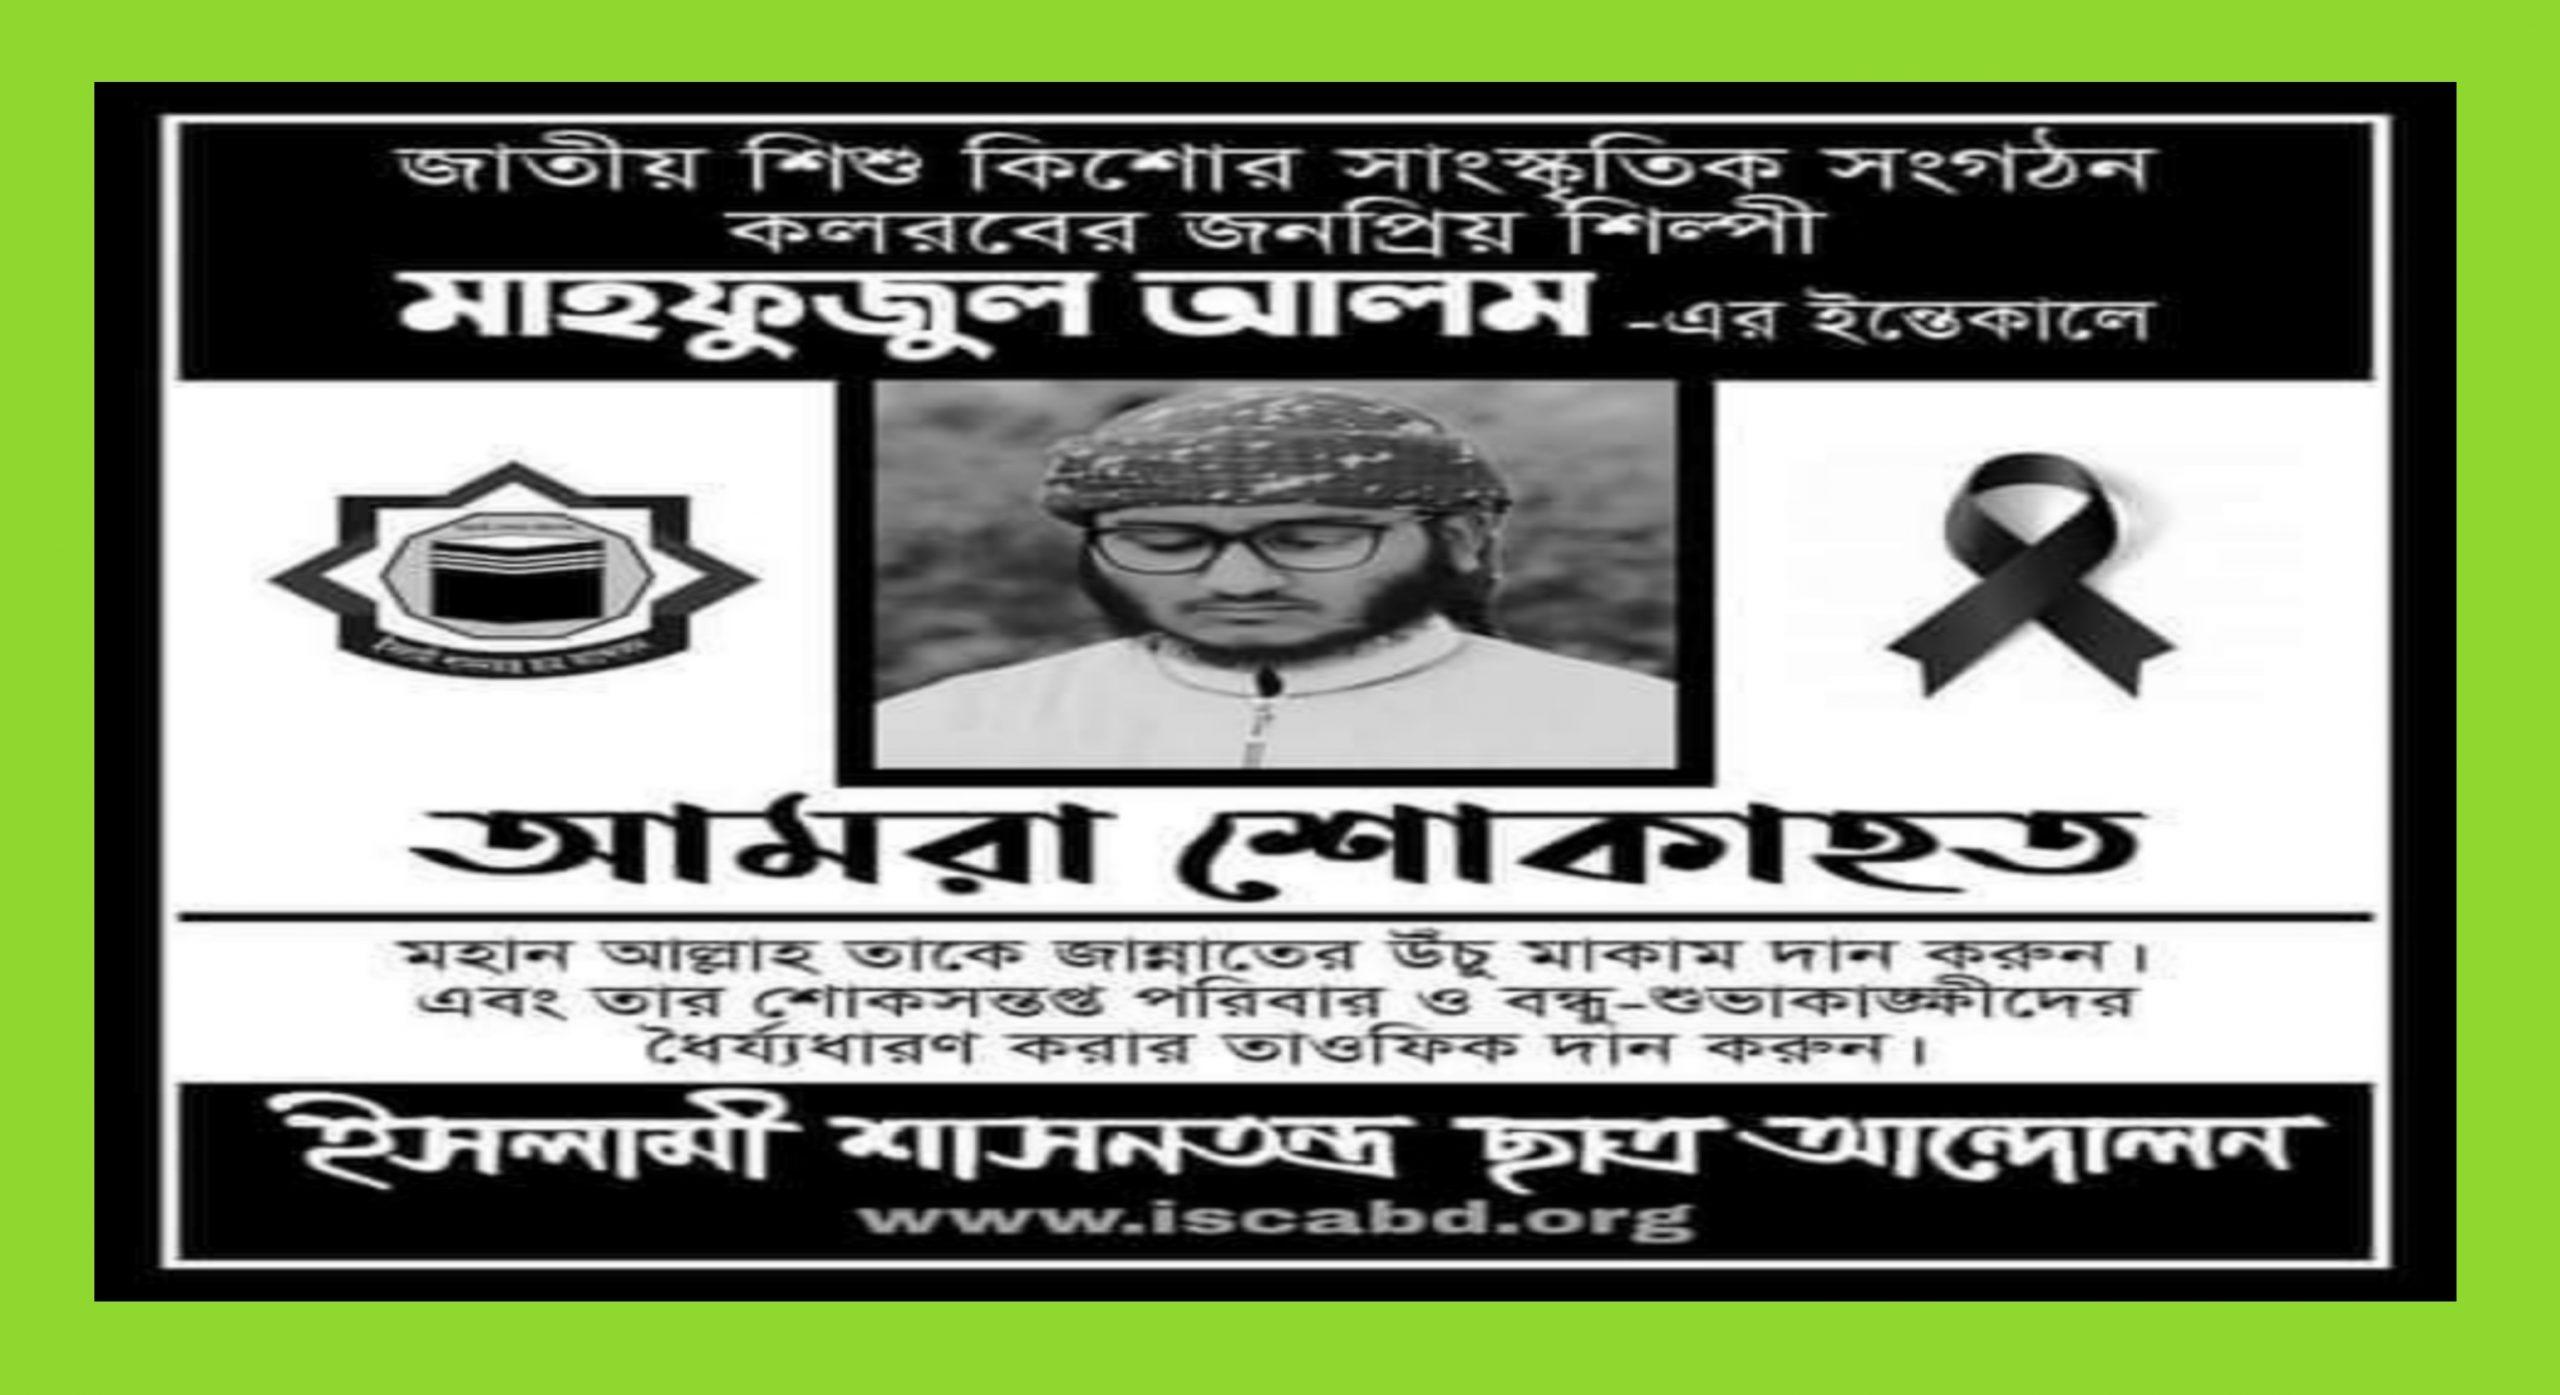 কলরব শিল্পী মাহফুজুল আলমের মৃত্যুতে ইশা ছাত্র আন্দোলনের শোক